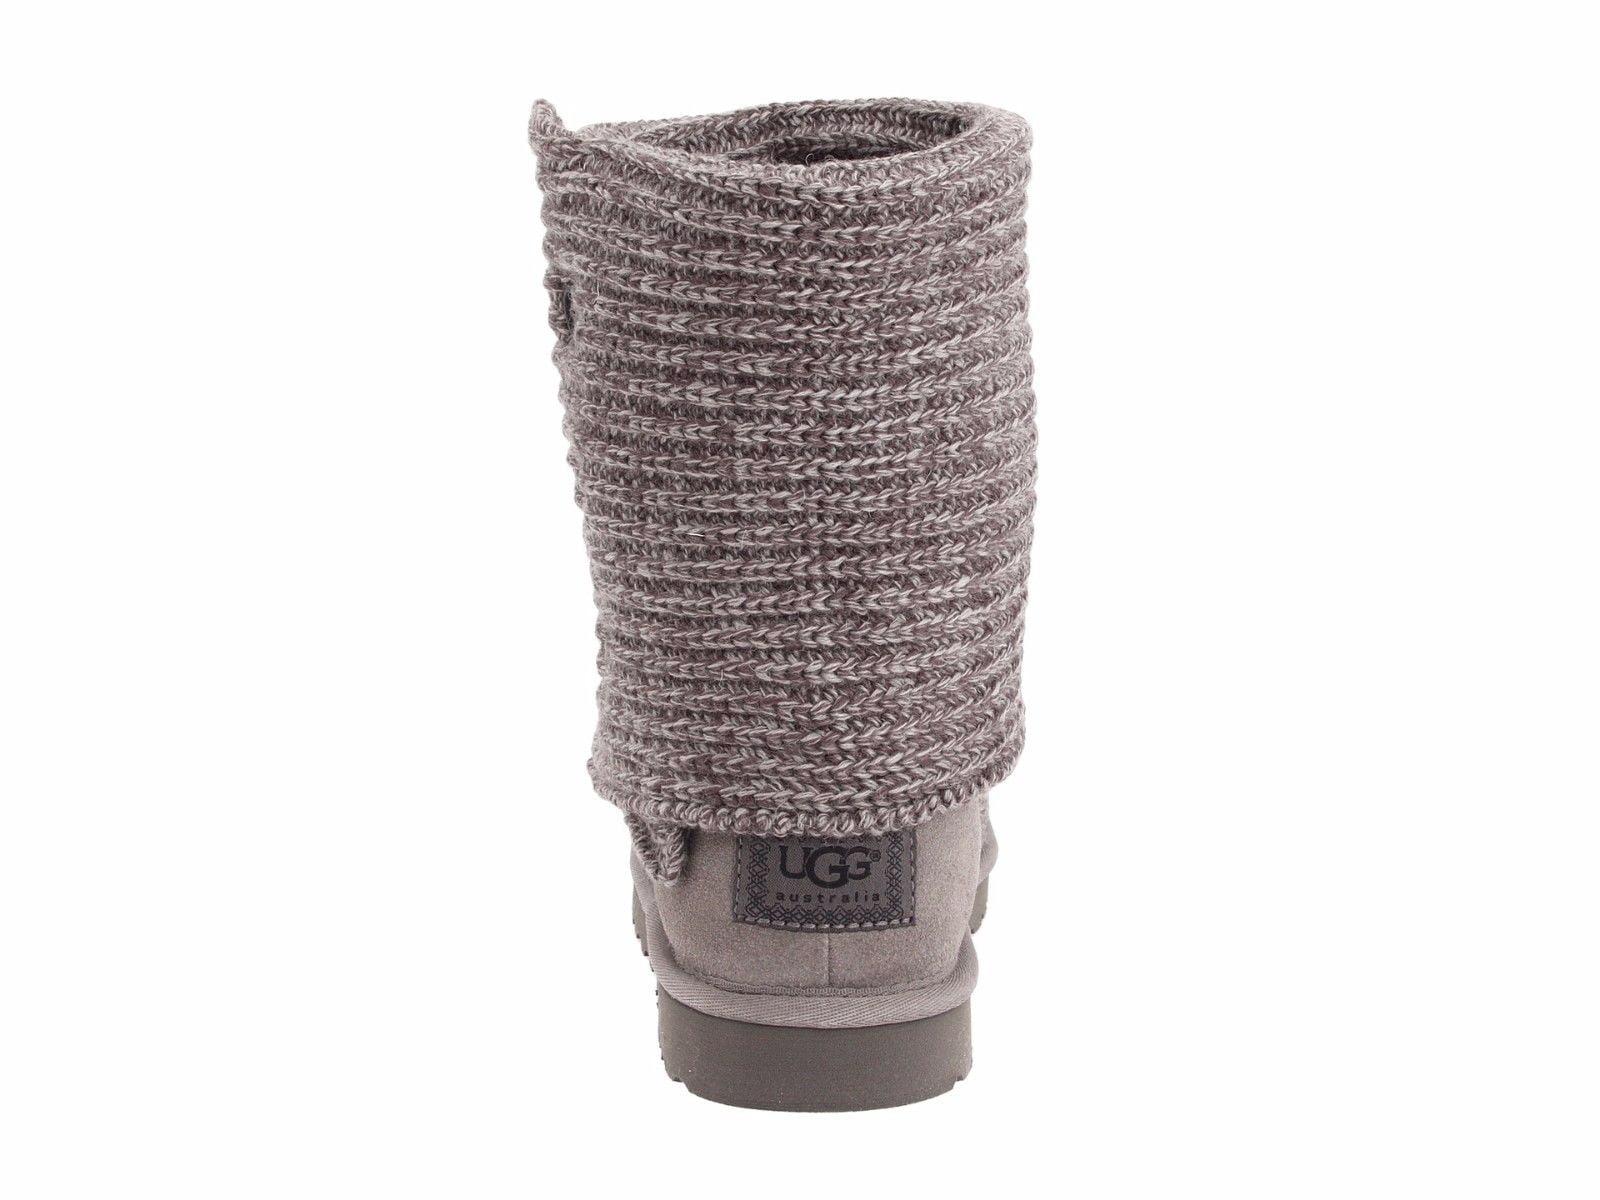 4494c65f9a6 1016555 - CLASSIC CARDY 10 / Grey